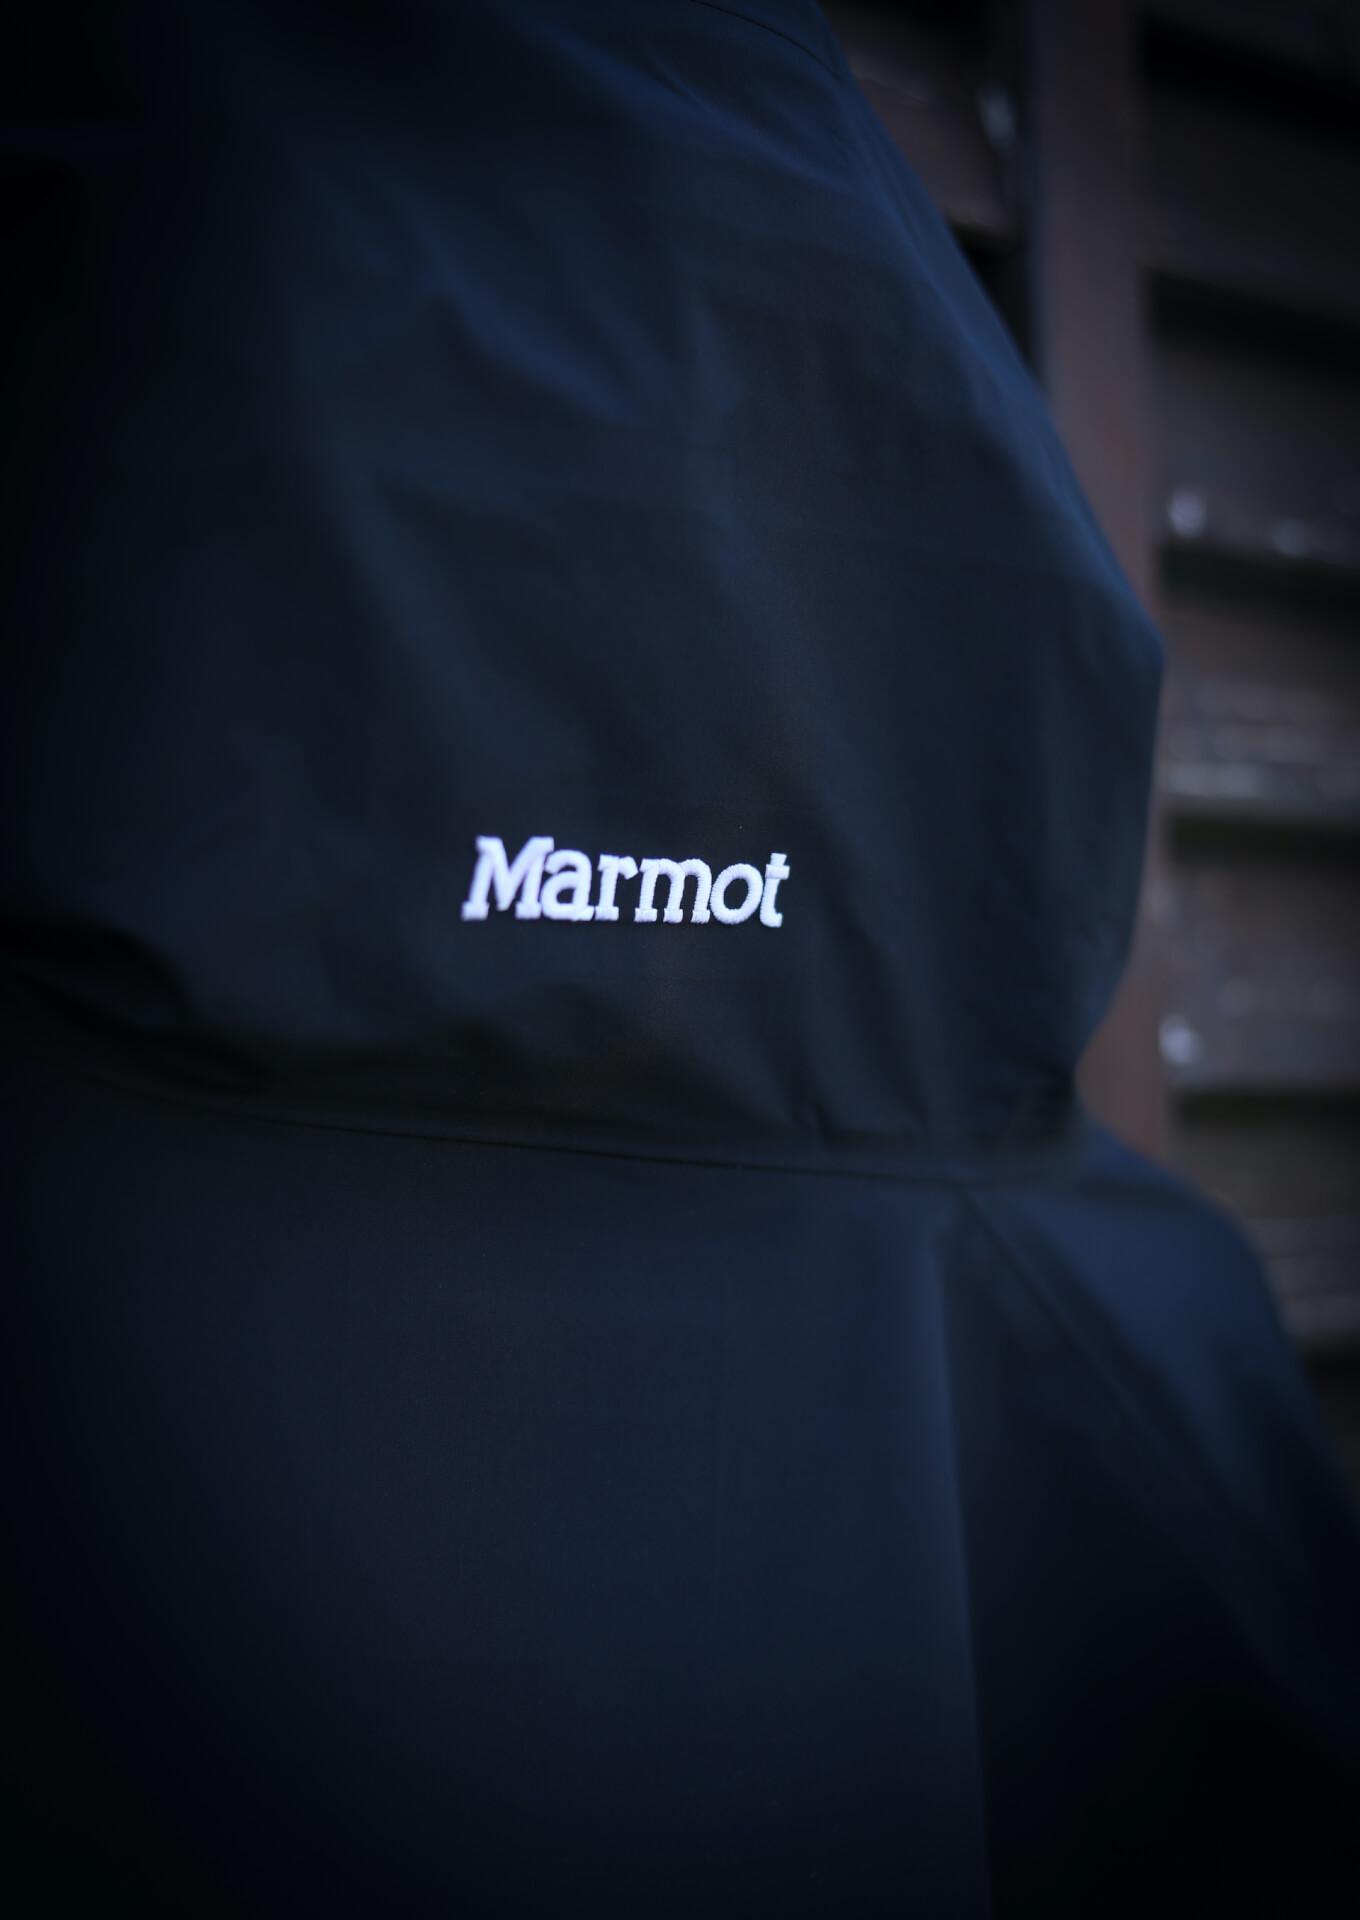 ARKnetsからMarmotに別注したゴアテックス3Lシェルジャケットが登場! fashion210819_marmot_3